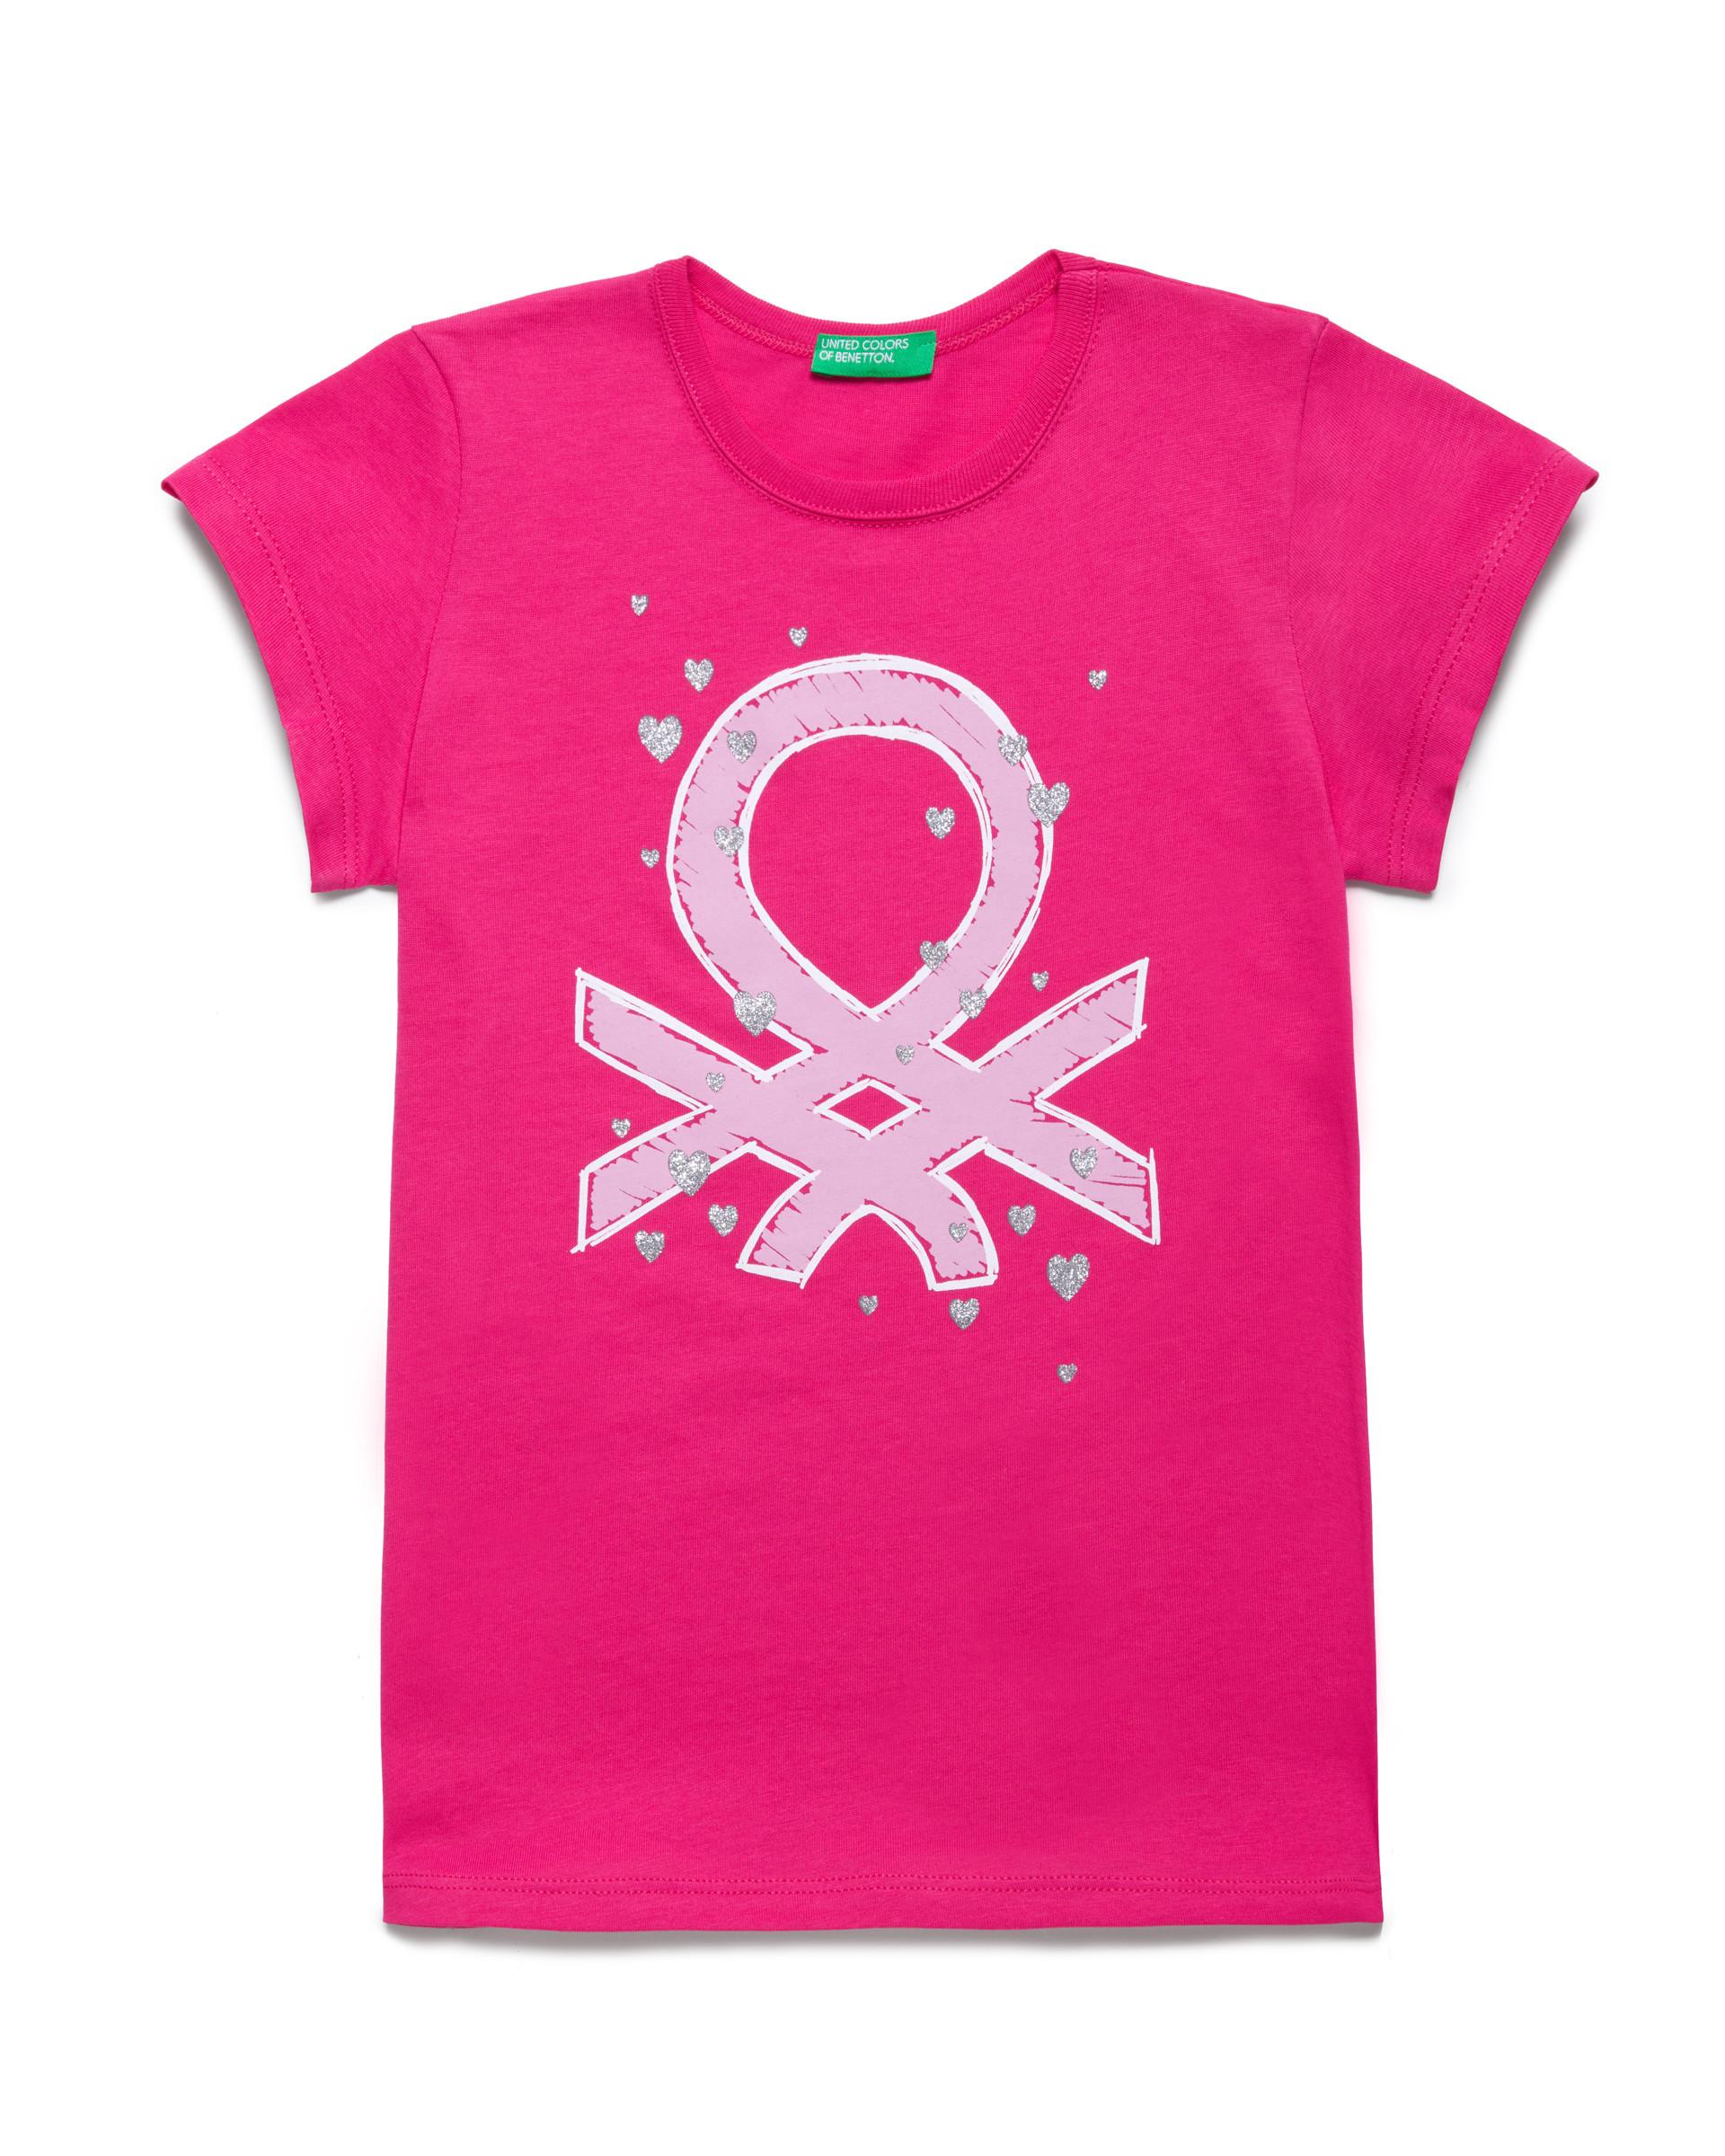 Купить 20P_3096C14J1_2L3, Футболка для девочек Benetton 3096C14J1_2L3 р-р 140, United Colors of Benetton, Футболки для девочек